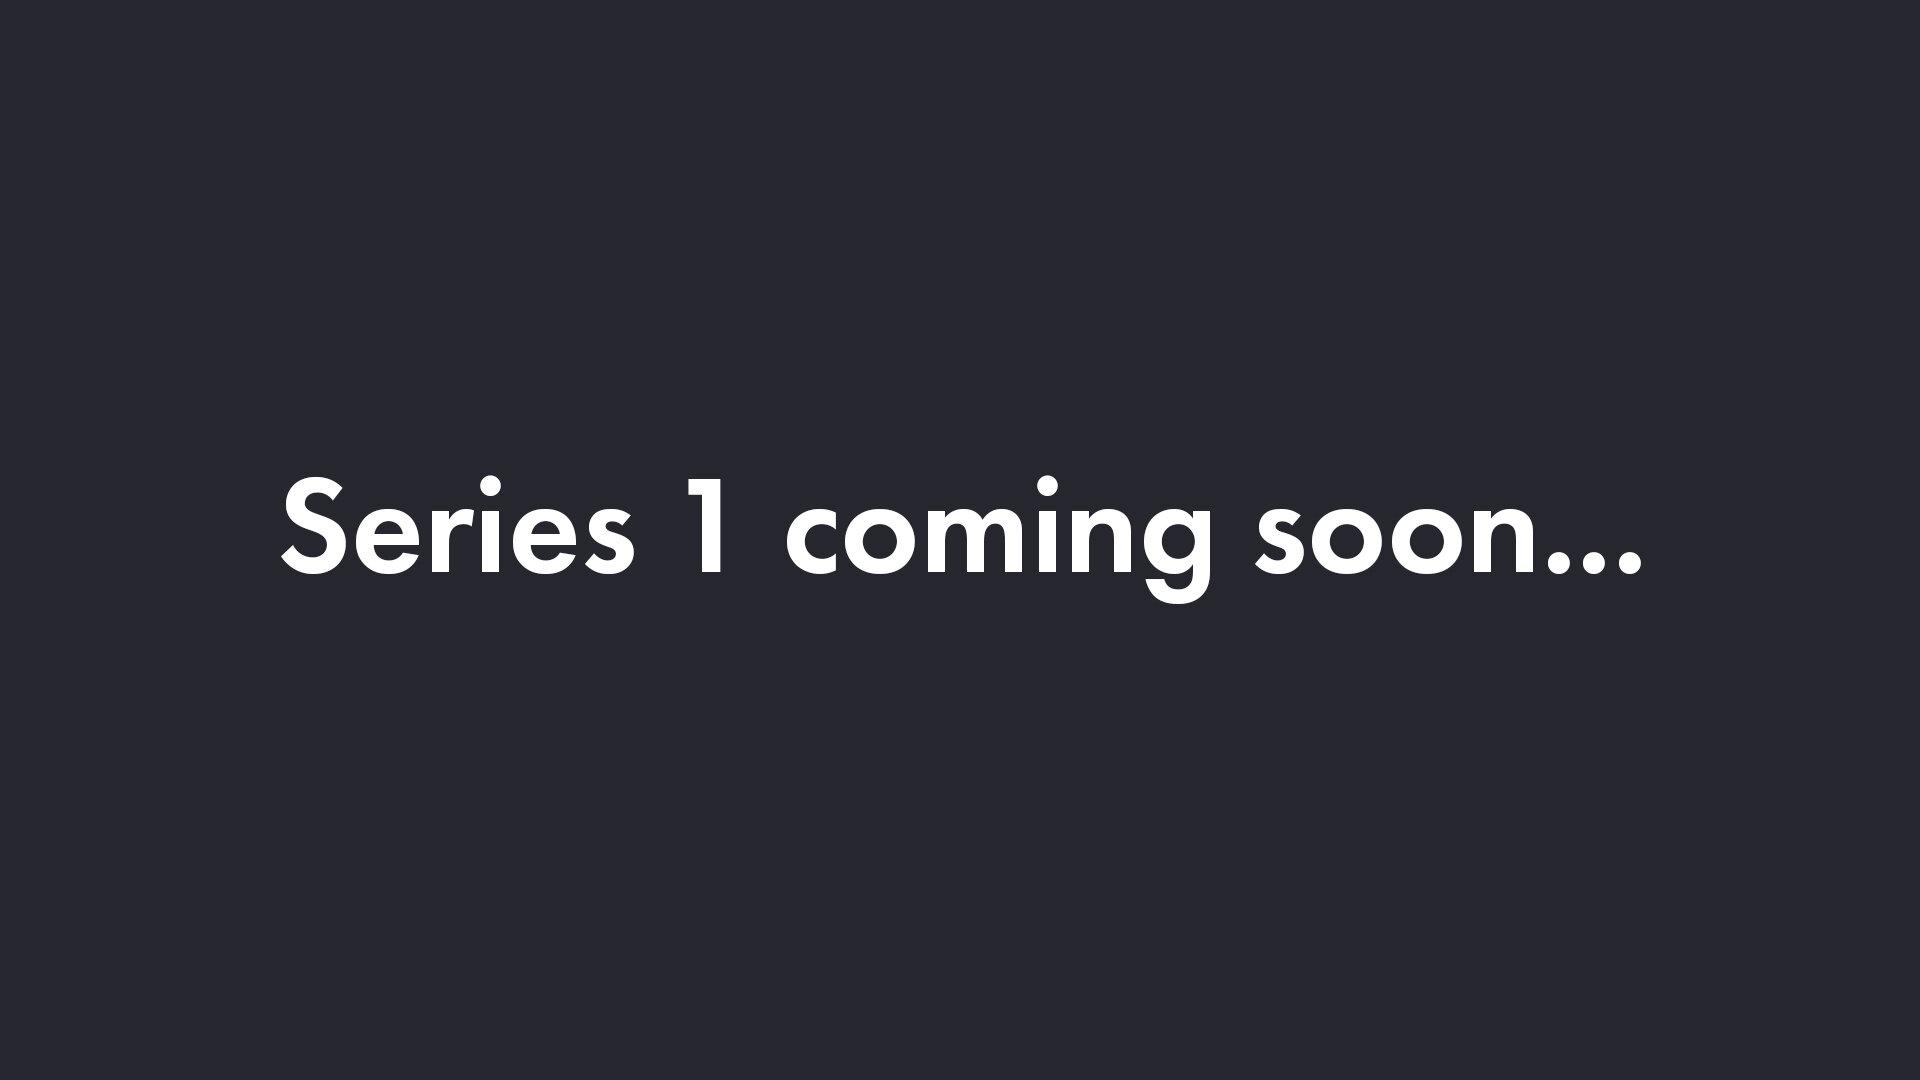 series-1-coming.jpg